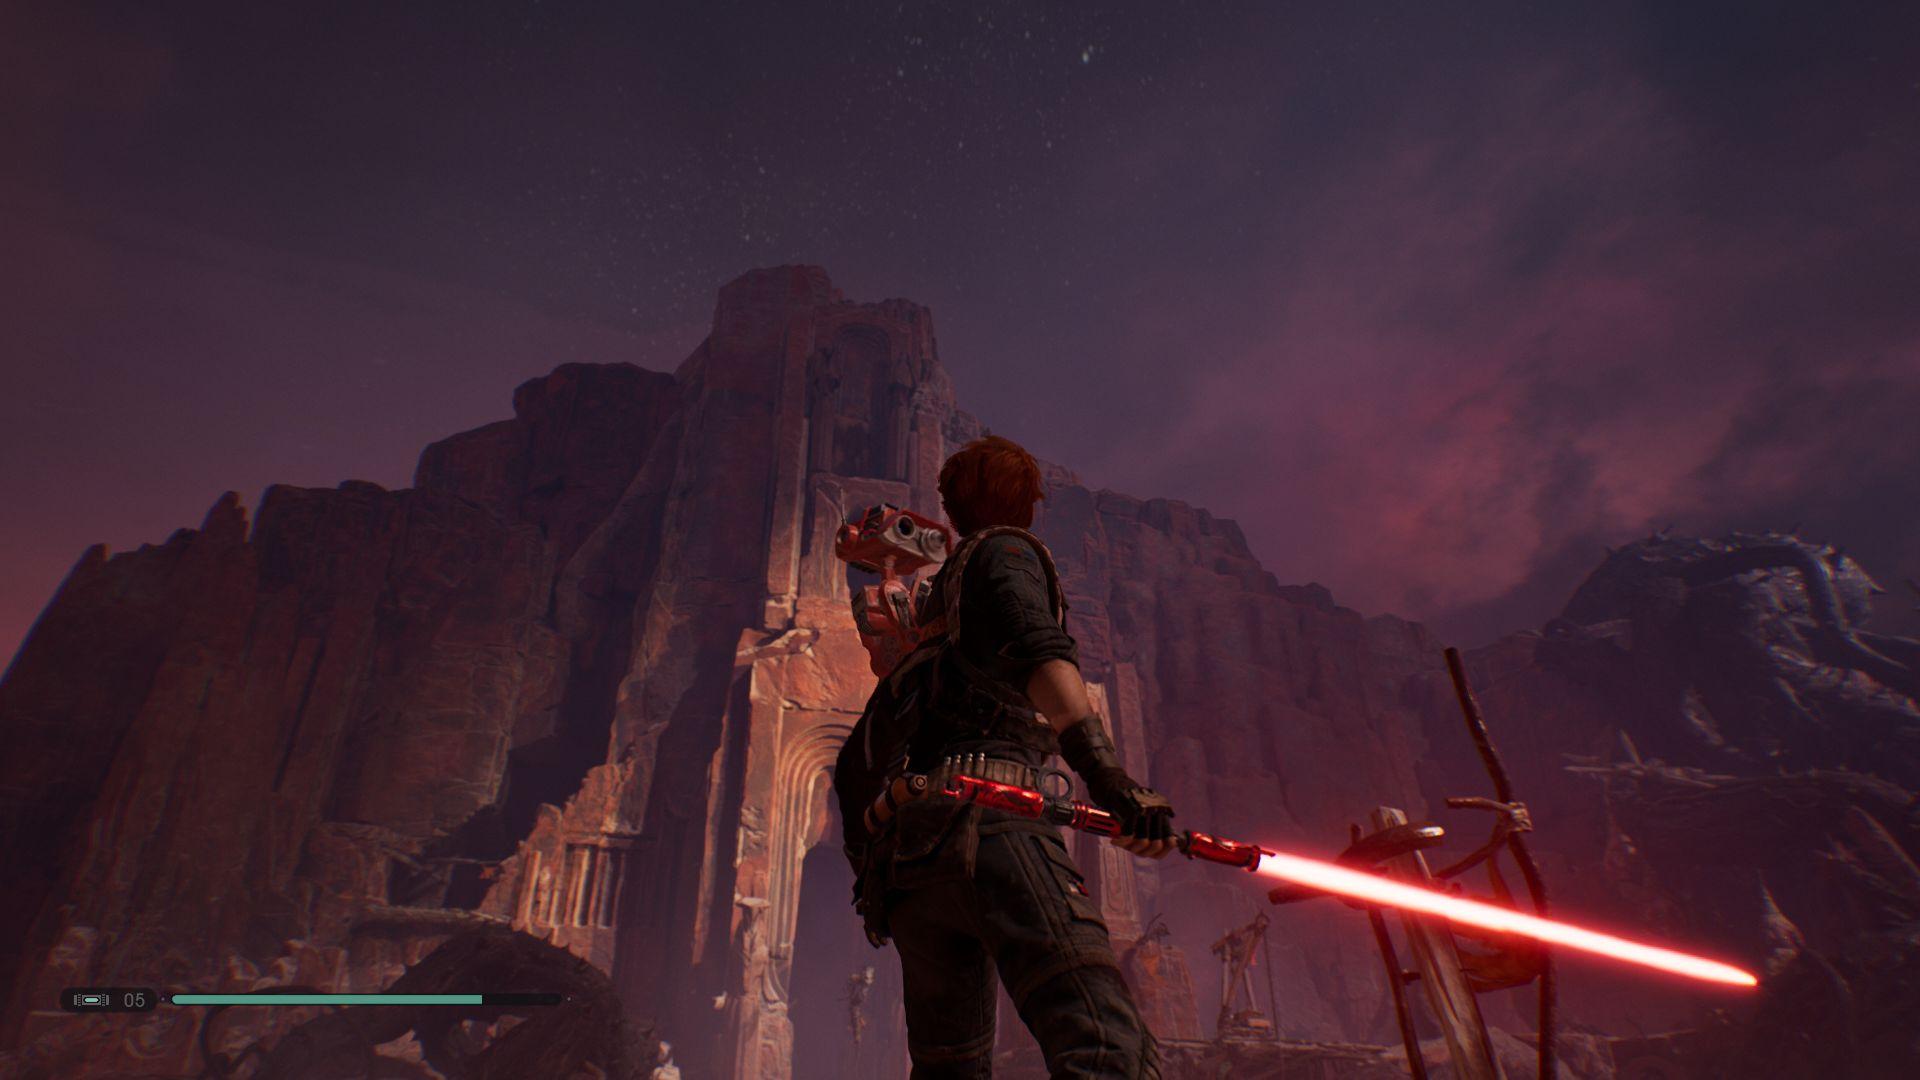 00089.Jpg - Star Wars Jedi: Fallen Order